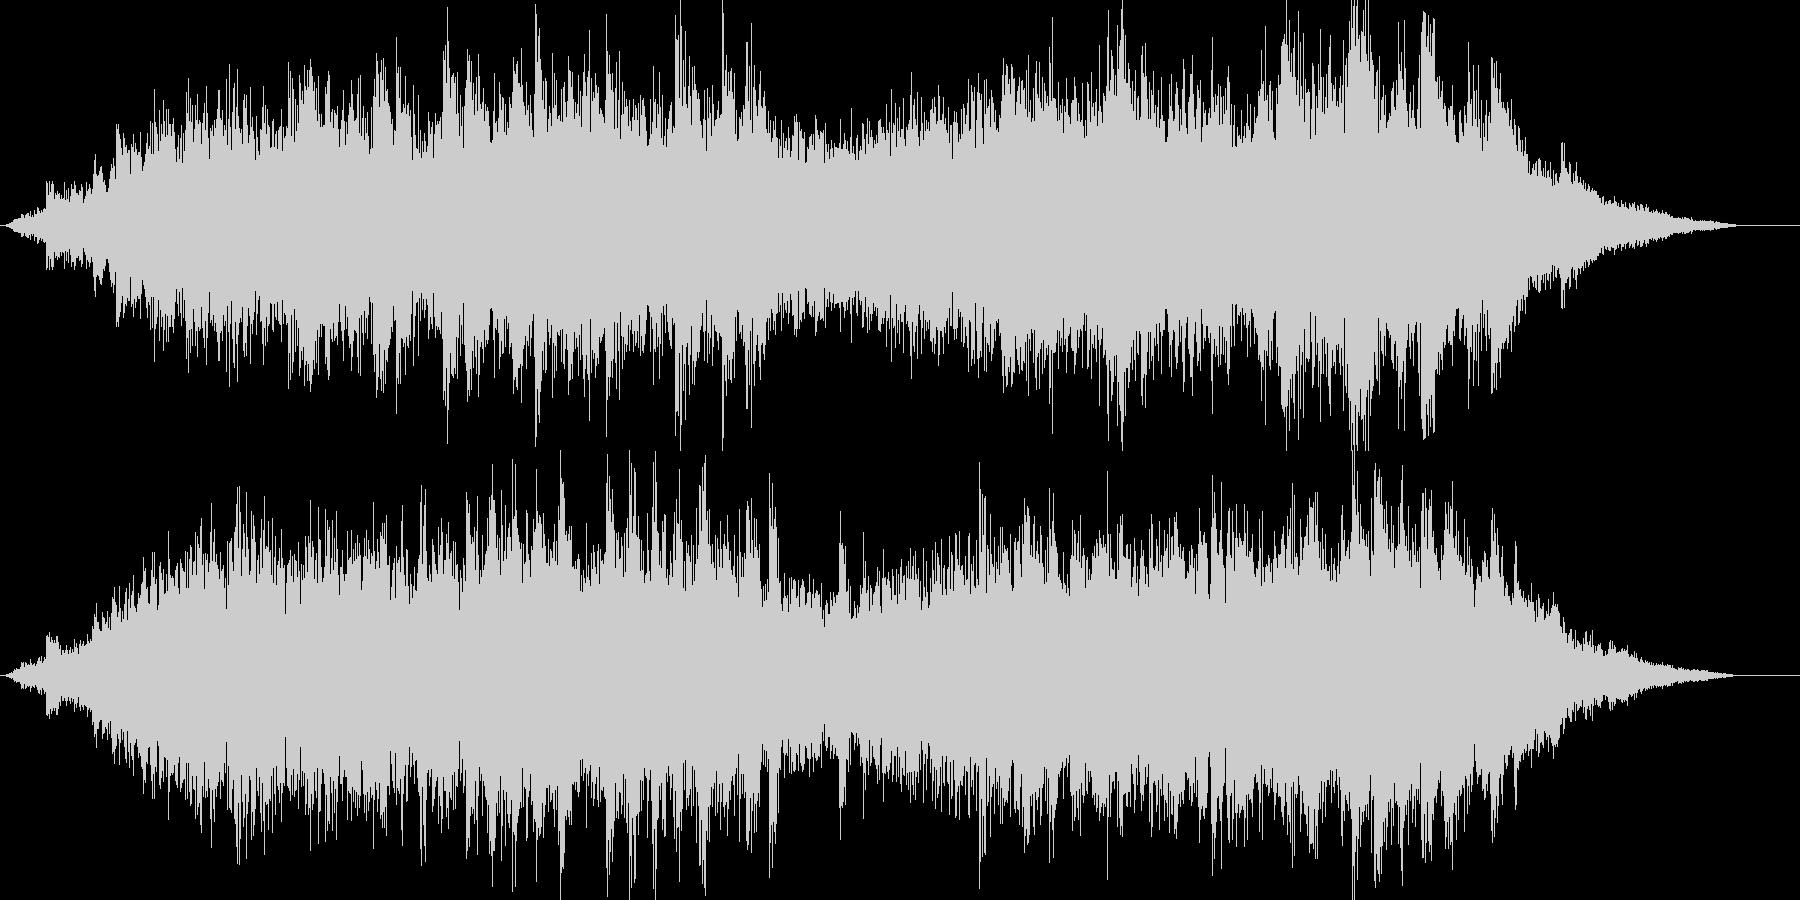 キラキラしたバラードの未再生の波形